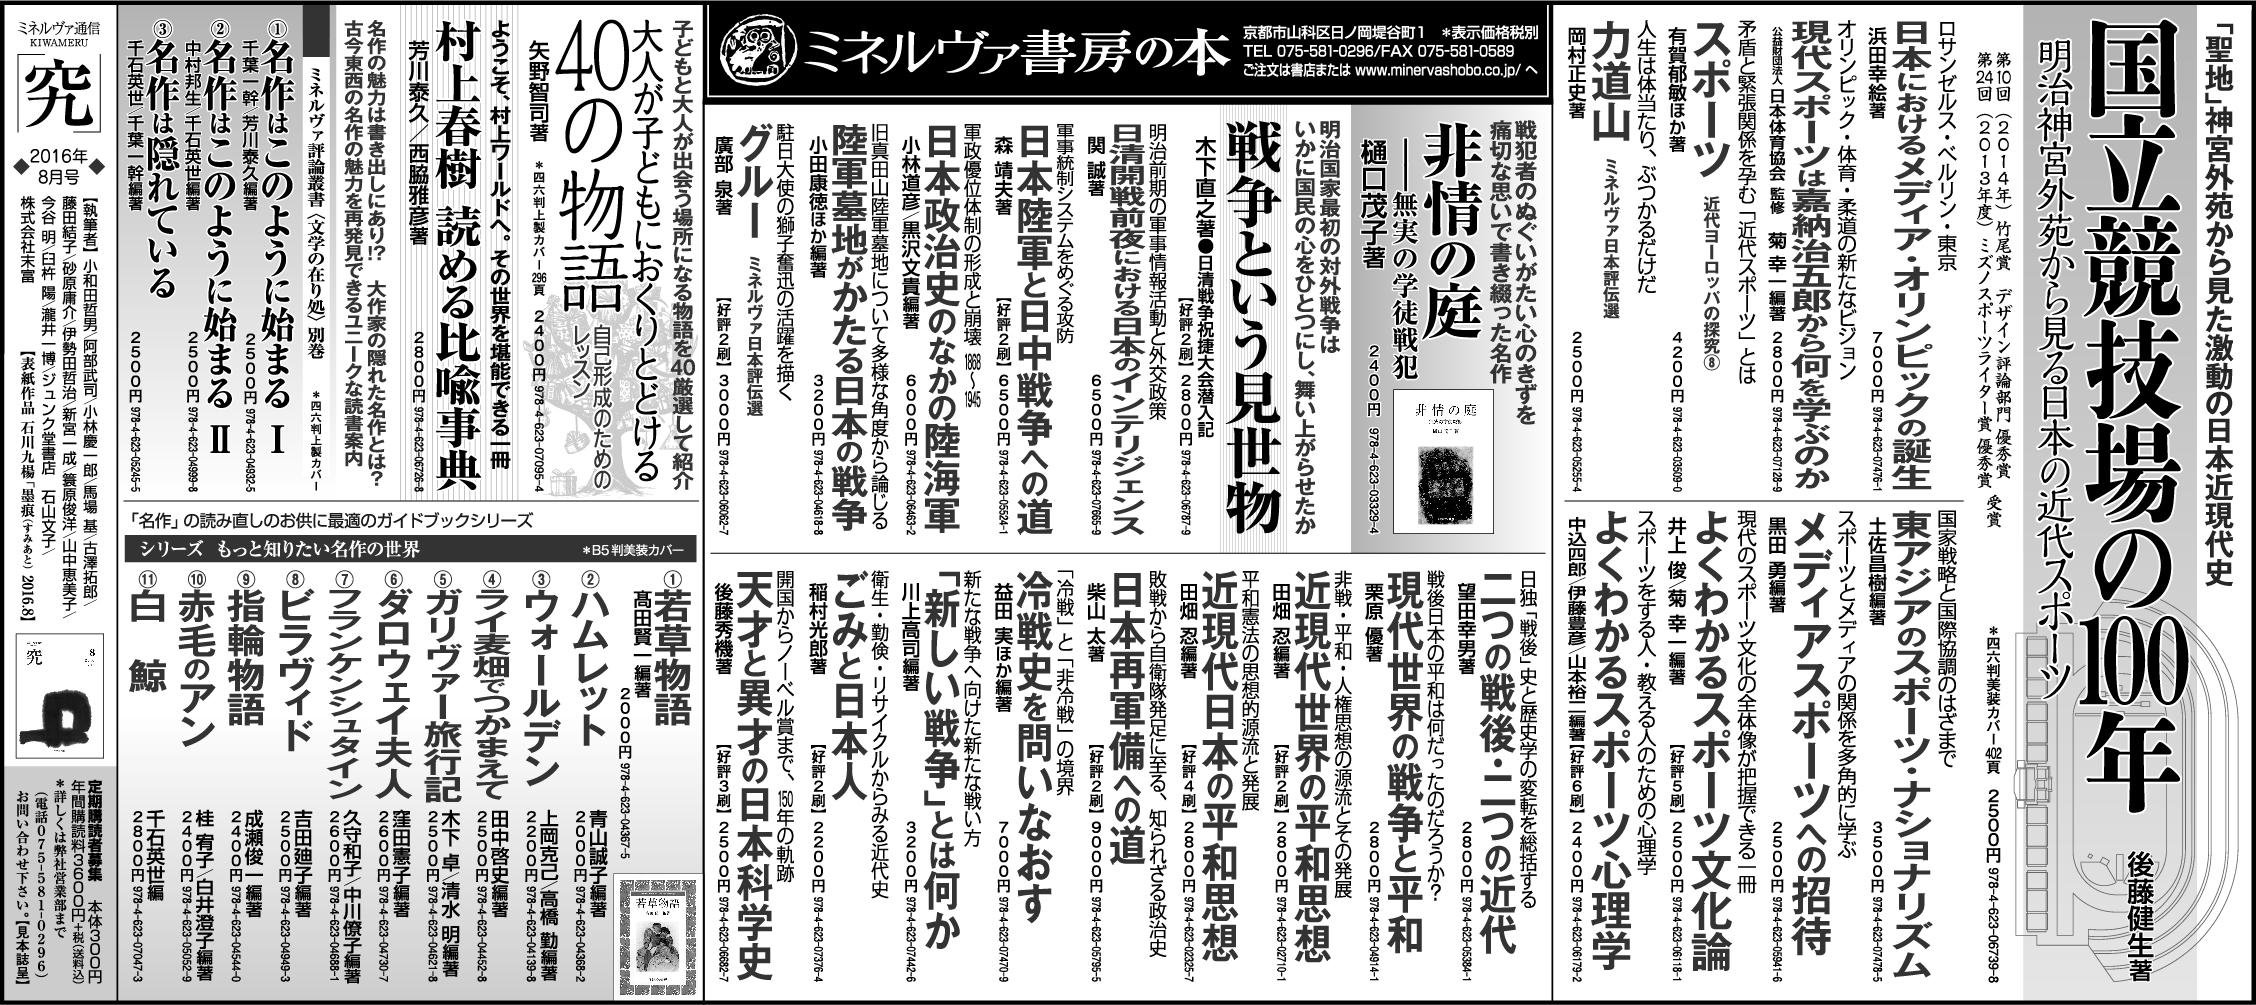 朝日新聞2016年8月14日(読書面)全5段広告